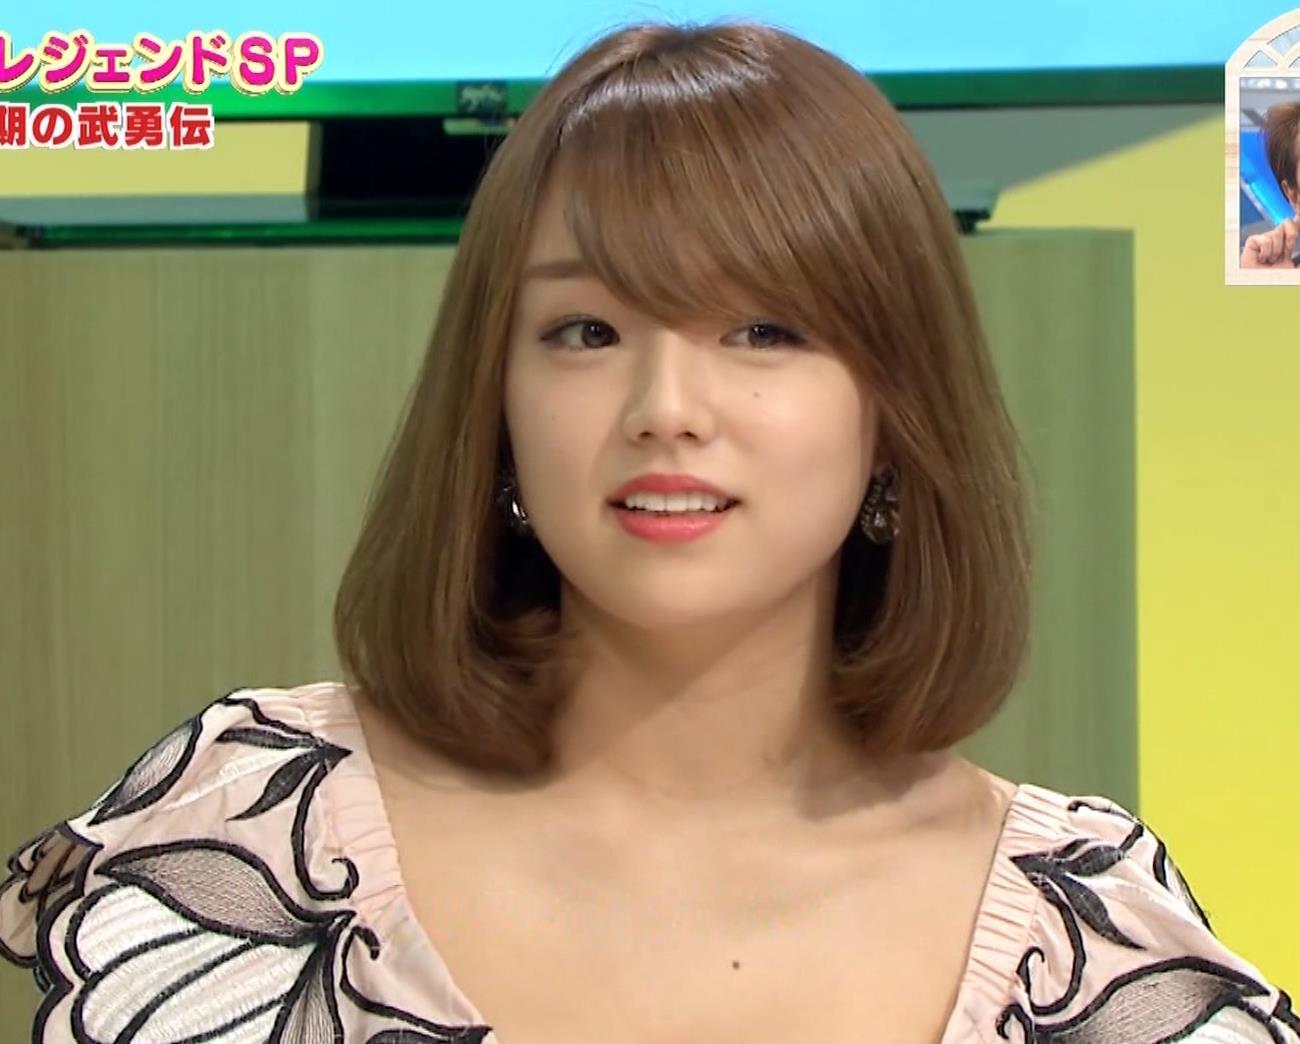 篠崎愛 韓国のテレビに出演するときのほうがおっぱい出しているみたい 「ナカイの窓」よりキャプ・エロ画像11